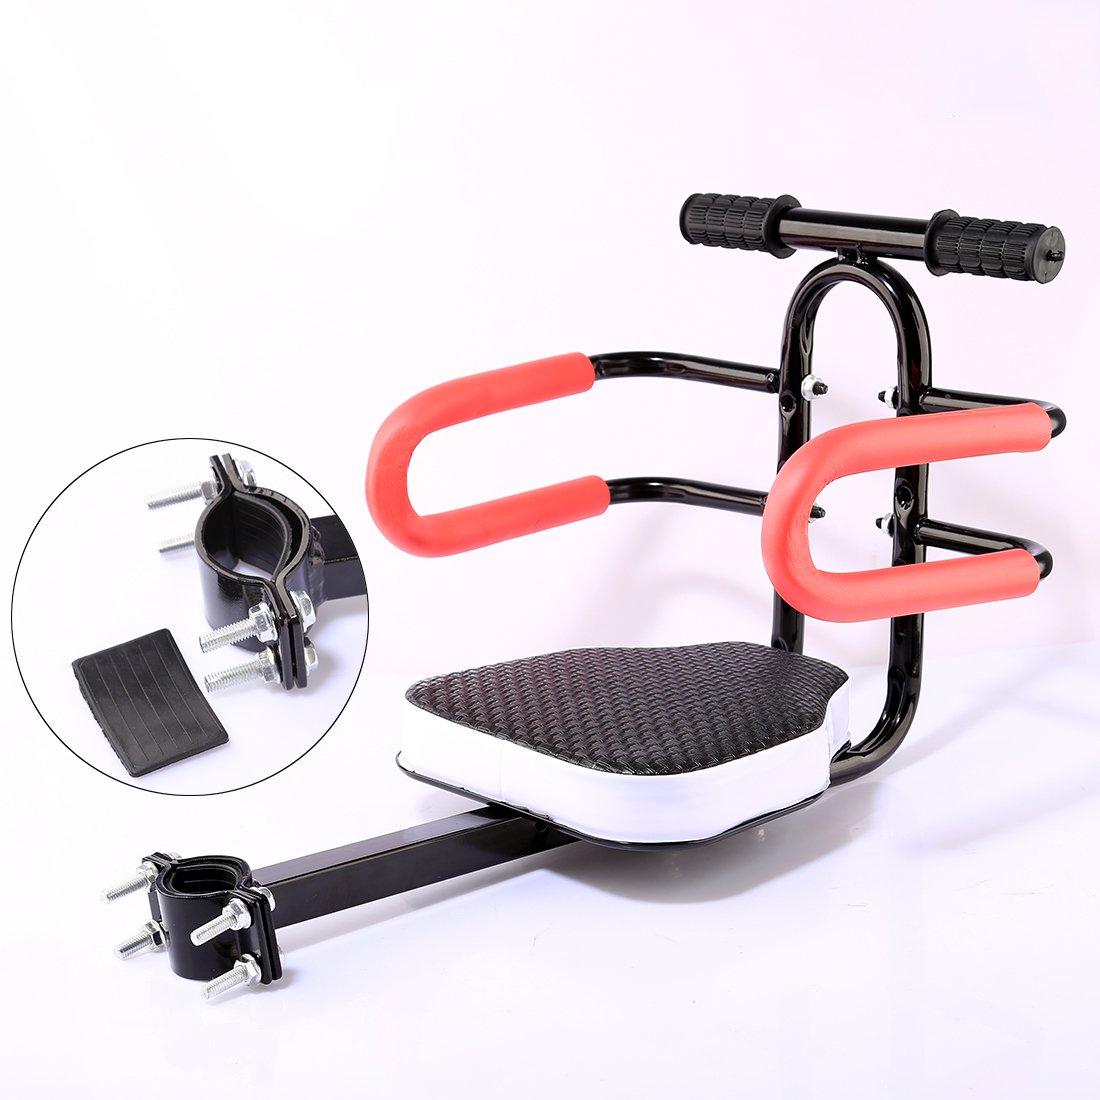 Schwarz Ggoddess Kindersitz Abnehmbarer Fahrrad-Vordersitz Kindersitz Pedal Universal Fahrradsitz mit Armlehnen Schutzb/ügel und Pedal f/ür Herrenfahrr/ädern und Damenr/ädern